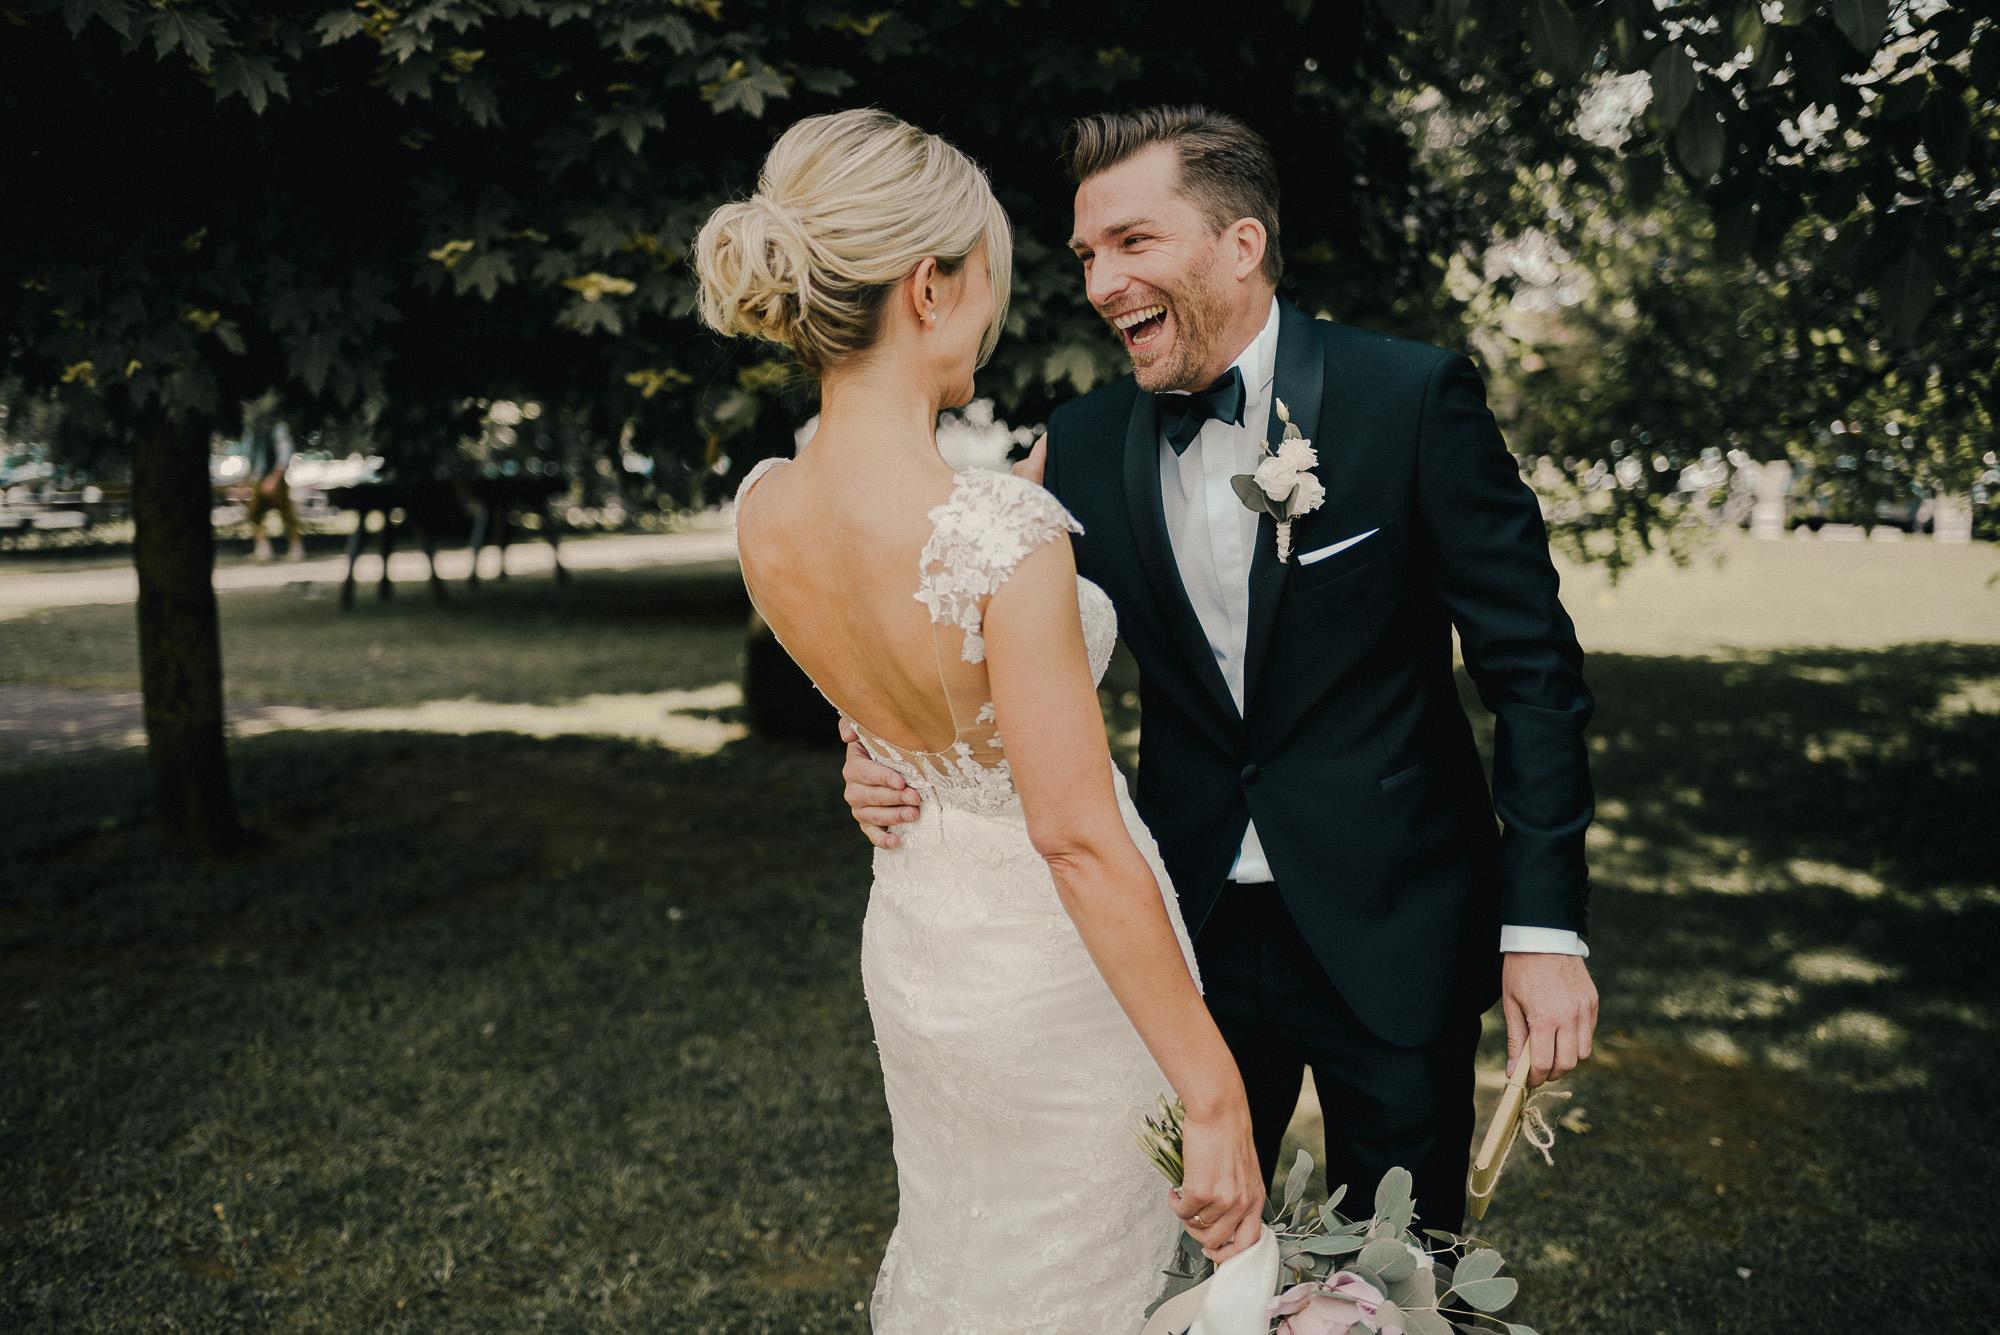 Hochzeitsworkshop Vanessa Padua Freie Trauung